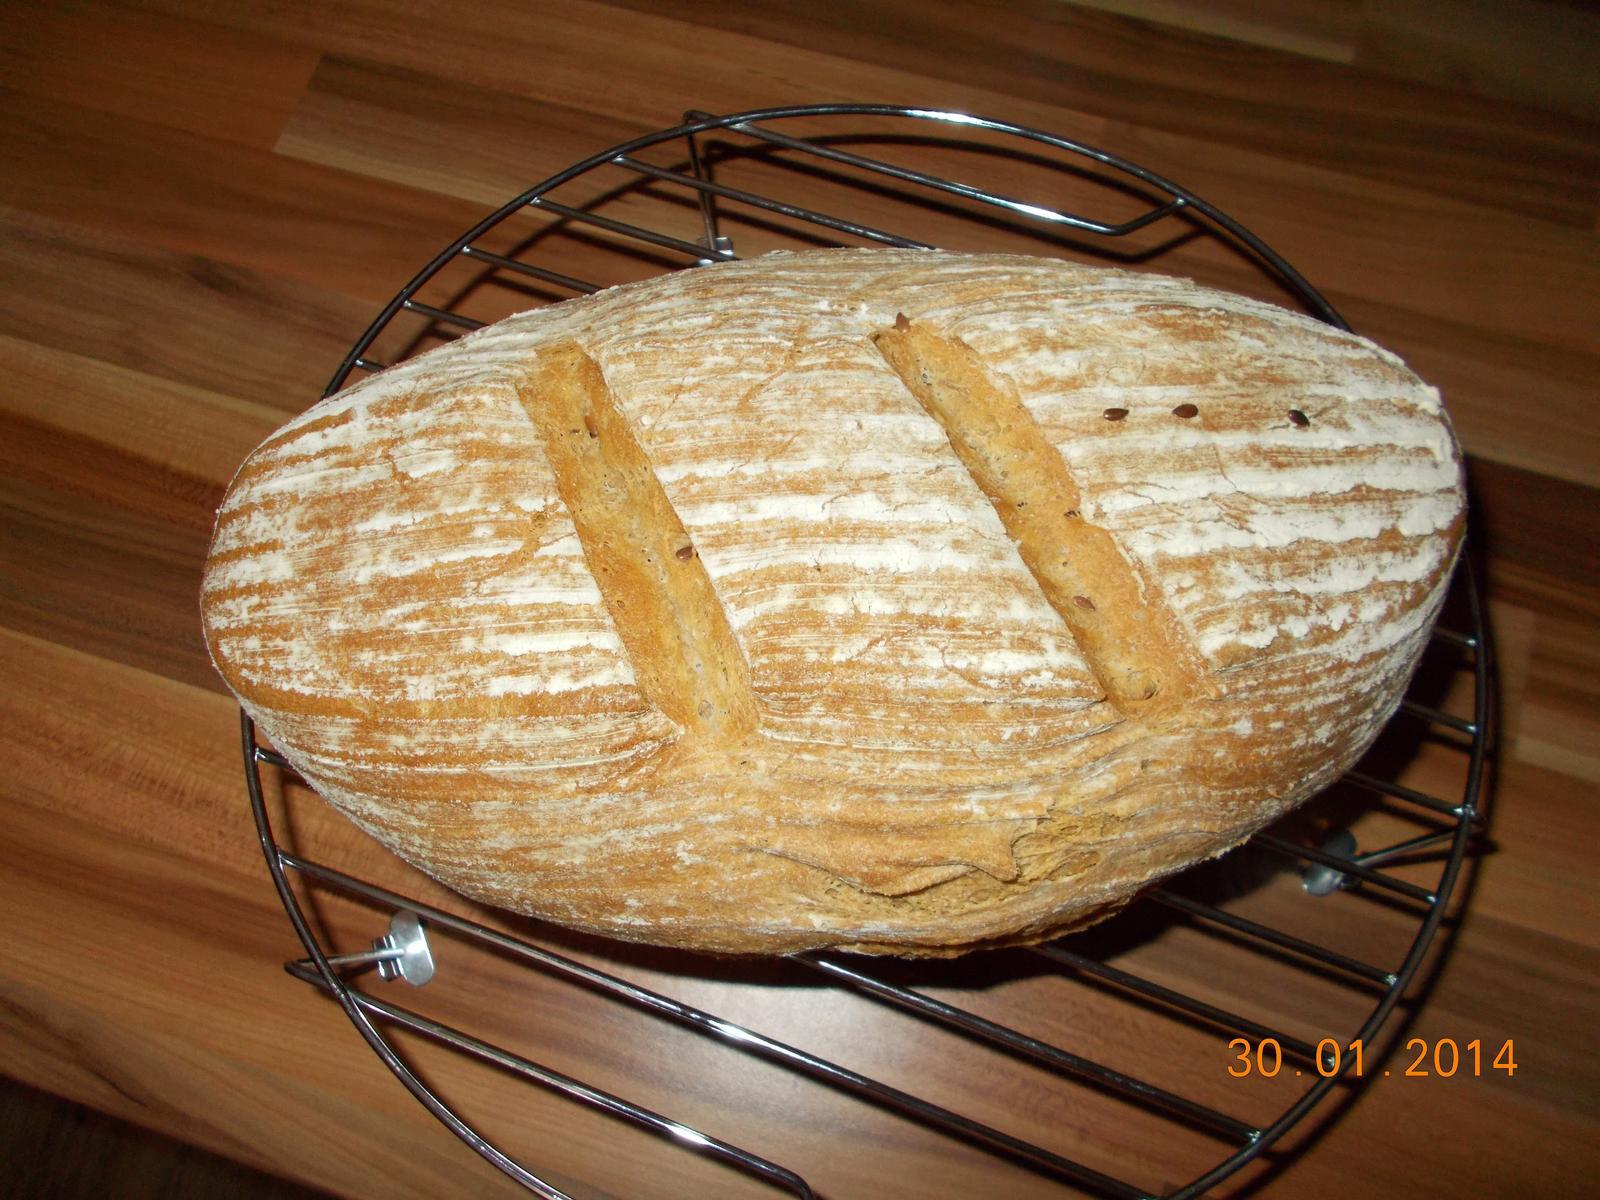 Pečení,vaření,grilování.....je libo něco dobrého do bříška ................ - Domácí chlebík grahamový